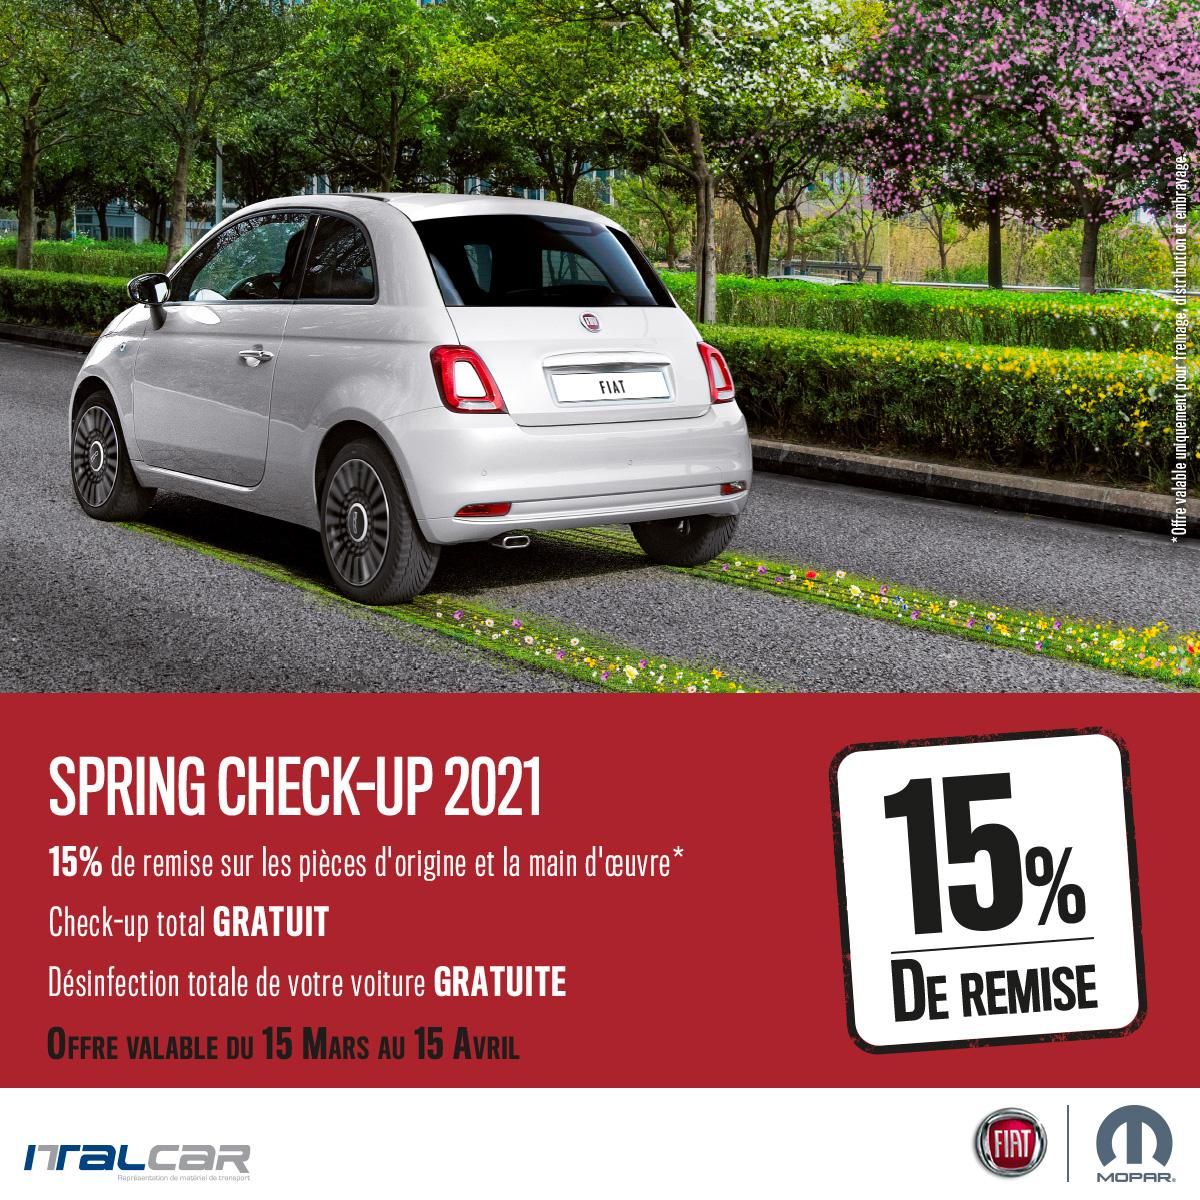 Spring Check-up chez Italcar, 15% de remise sur les pièces d'origine et la main d'oeuvre